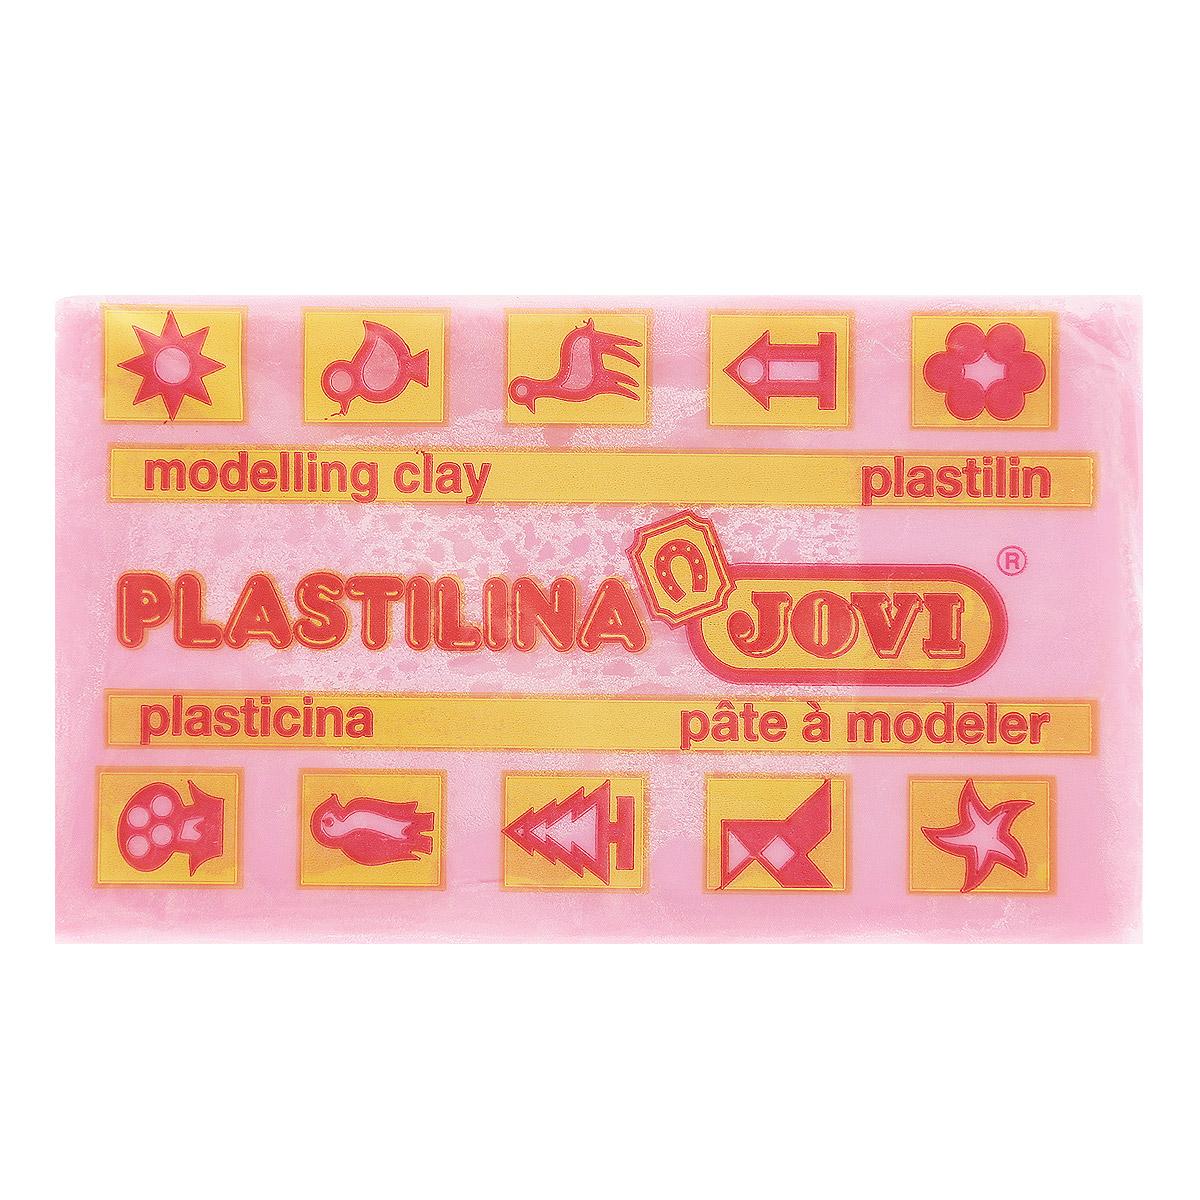 Jovi Пластилин, цвет: розовый, 50 г70/30U_розовыйПластилин Jovi - лучший выбор для лепки, он обладает превосходными изобразительными возможностями и поэтому дает простор воображению и самым смелым творческим замыслам. Пластилин, изготовленный на растительной основе, очень мягкий, легко разминается и смешивается, не пачкает руки и не прилипает к рабочей поверхности. Пластилин пригоден для создания аппликаций и поделок, ручной лепки, моделирования на каркасе, пластилиновой живописи - рисовании пластилином по бумаге, картону, дереву или текстилю. Пластические свойства сохраняются в течение 5 лет.